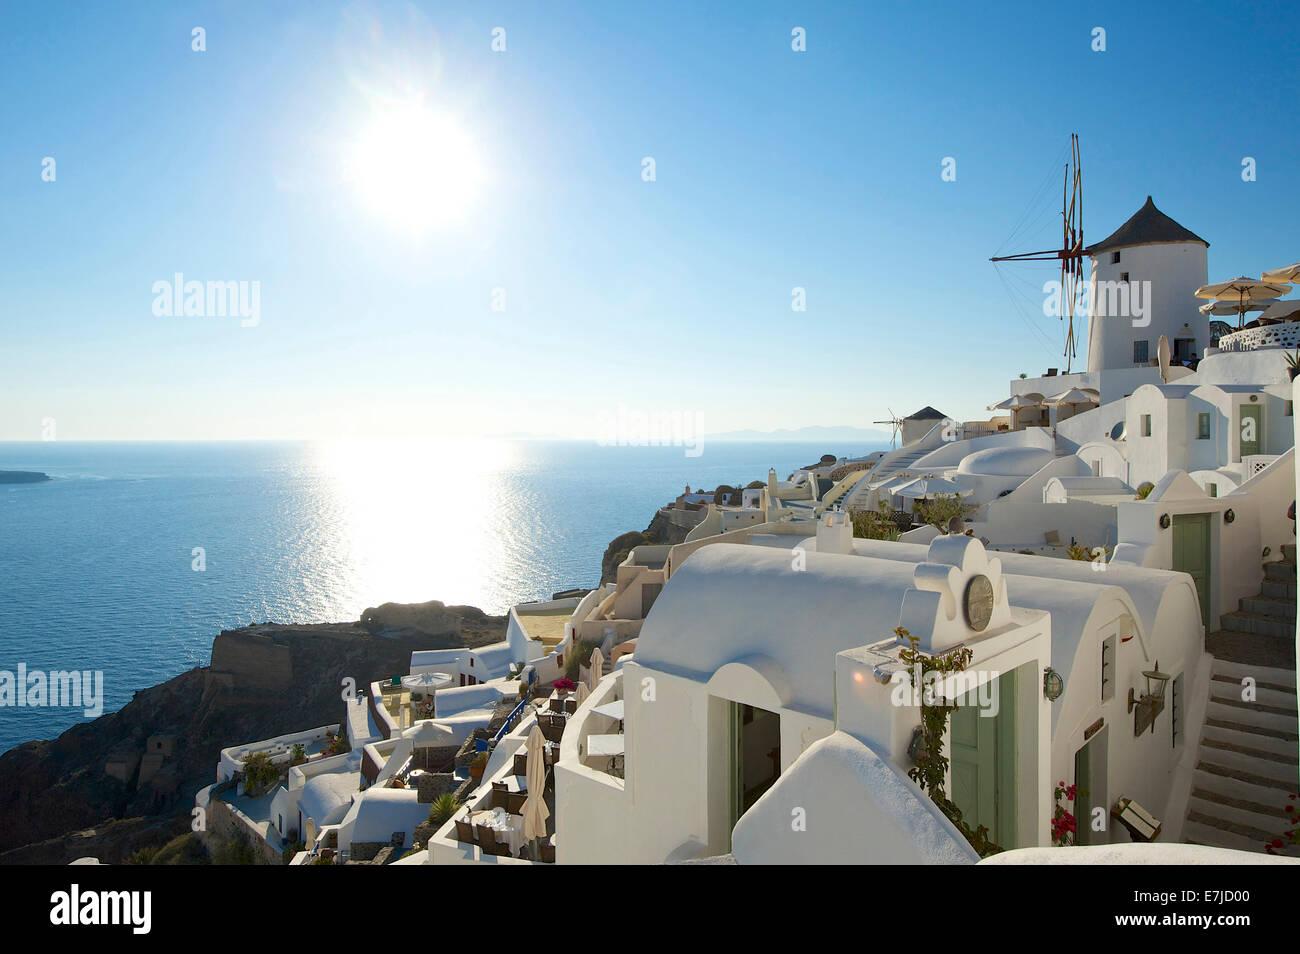 Grecia, Europa, las Islas Cícladas, la isla, Isla, islas griegas, fuera, el Mar Mediterráneo, de día, Imagen De Stock